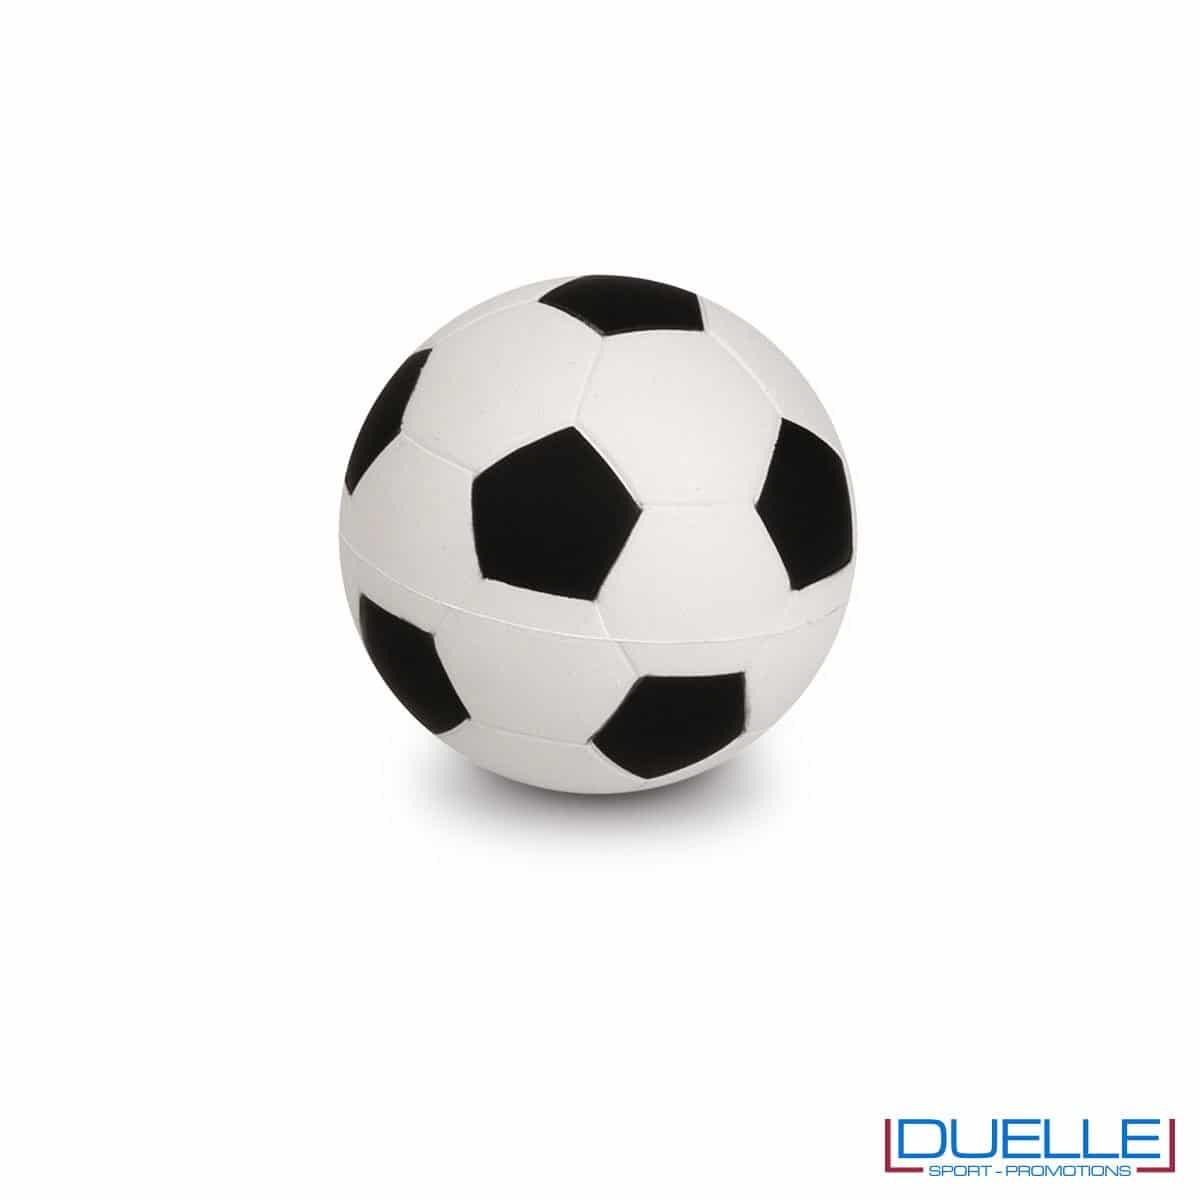 Pallone calcio antistress personalizzabile